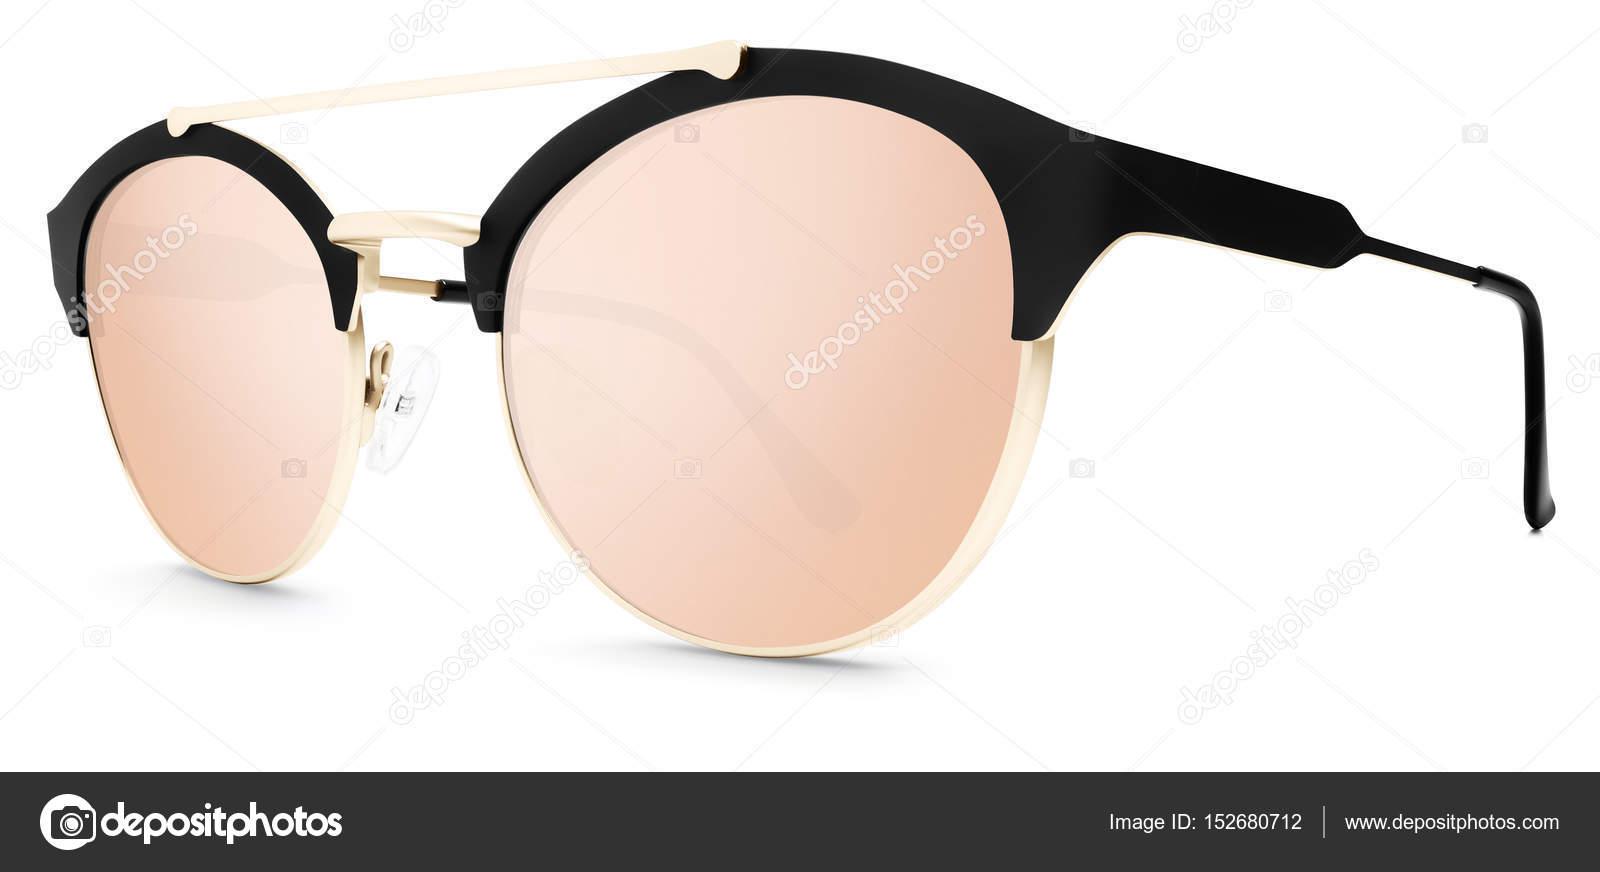 5150f6cda72b Gafas de sol de oro y negros rosa lentes espejo aisladas en blanco — Fotos  de